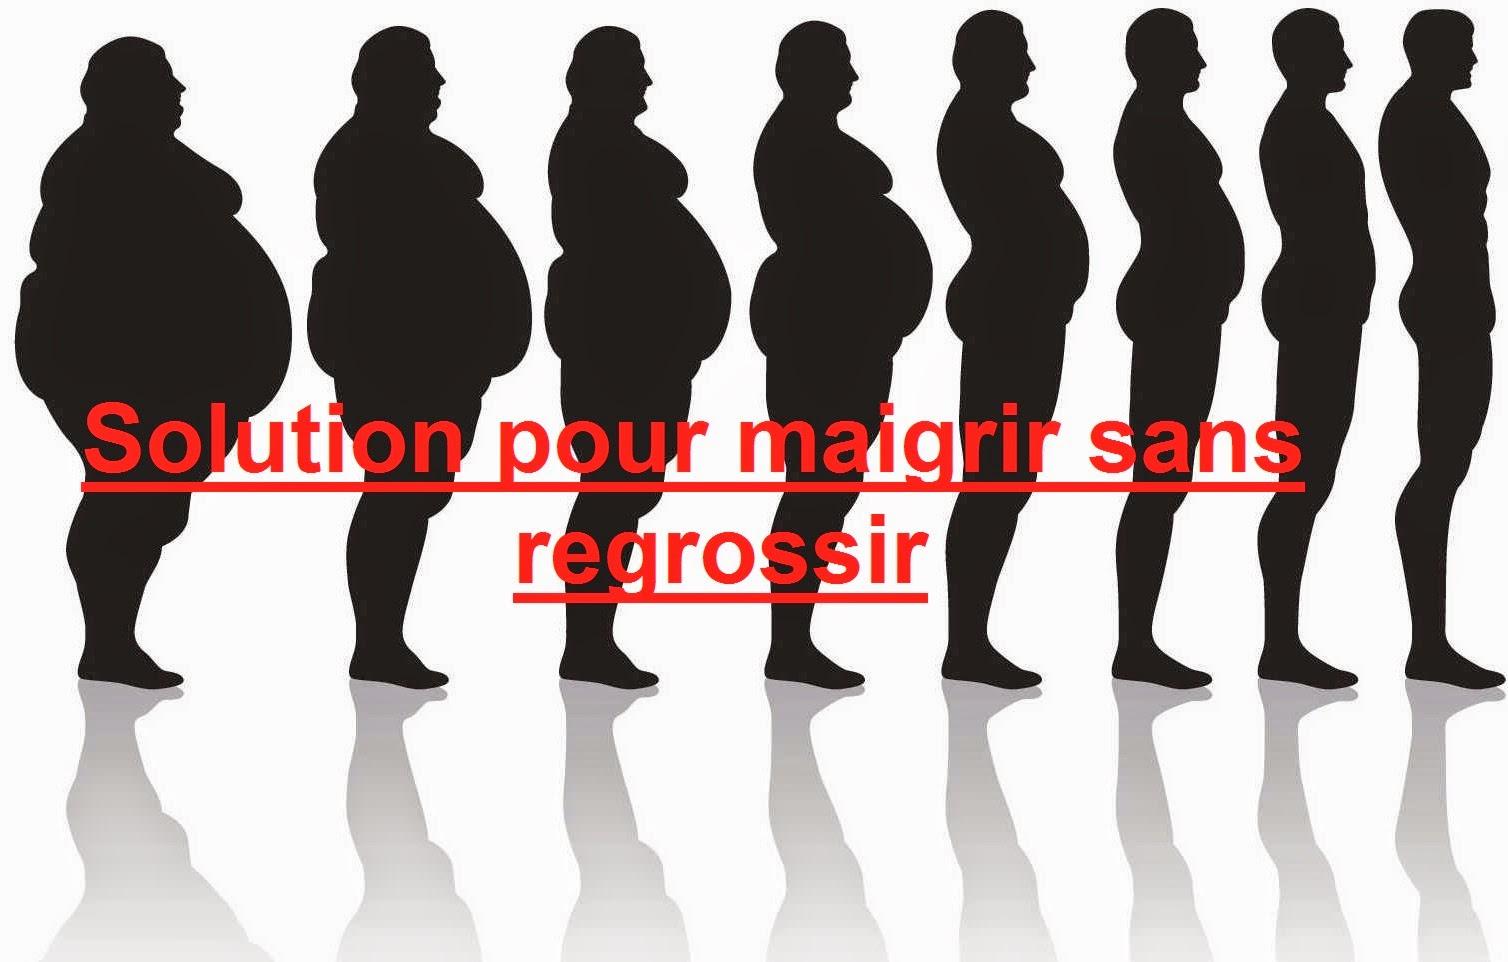 Solution pour maigrir sans regrossir sports et sant for Sport en piscine pour maigrir